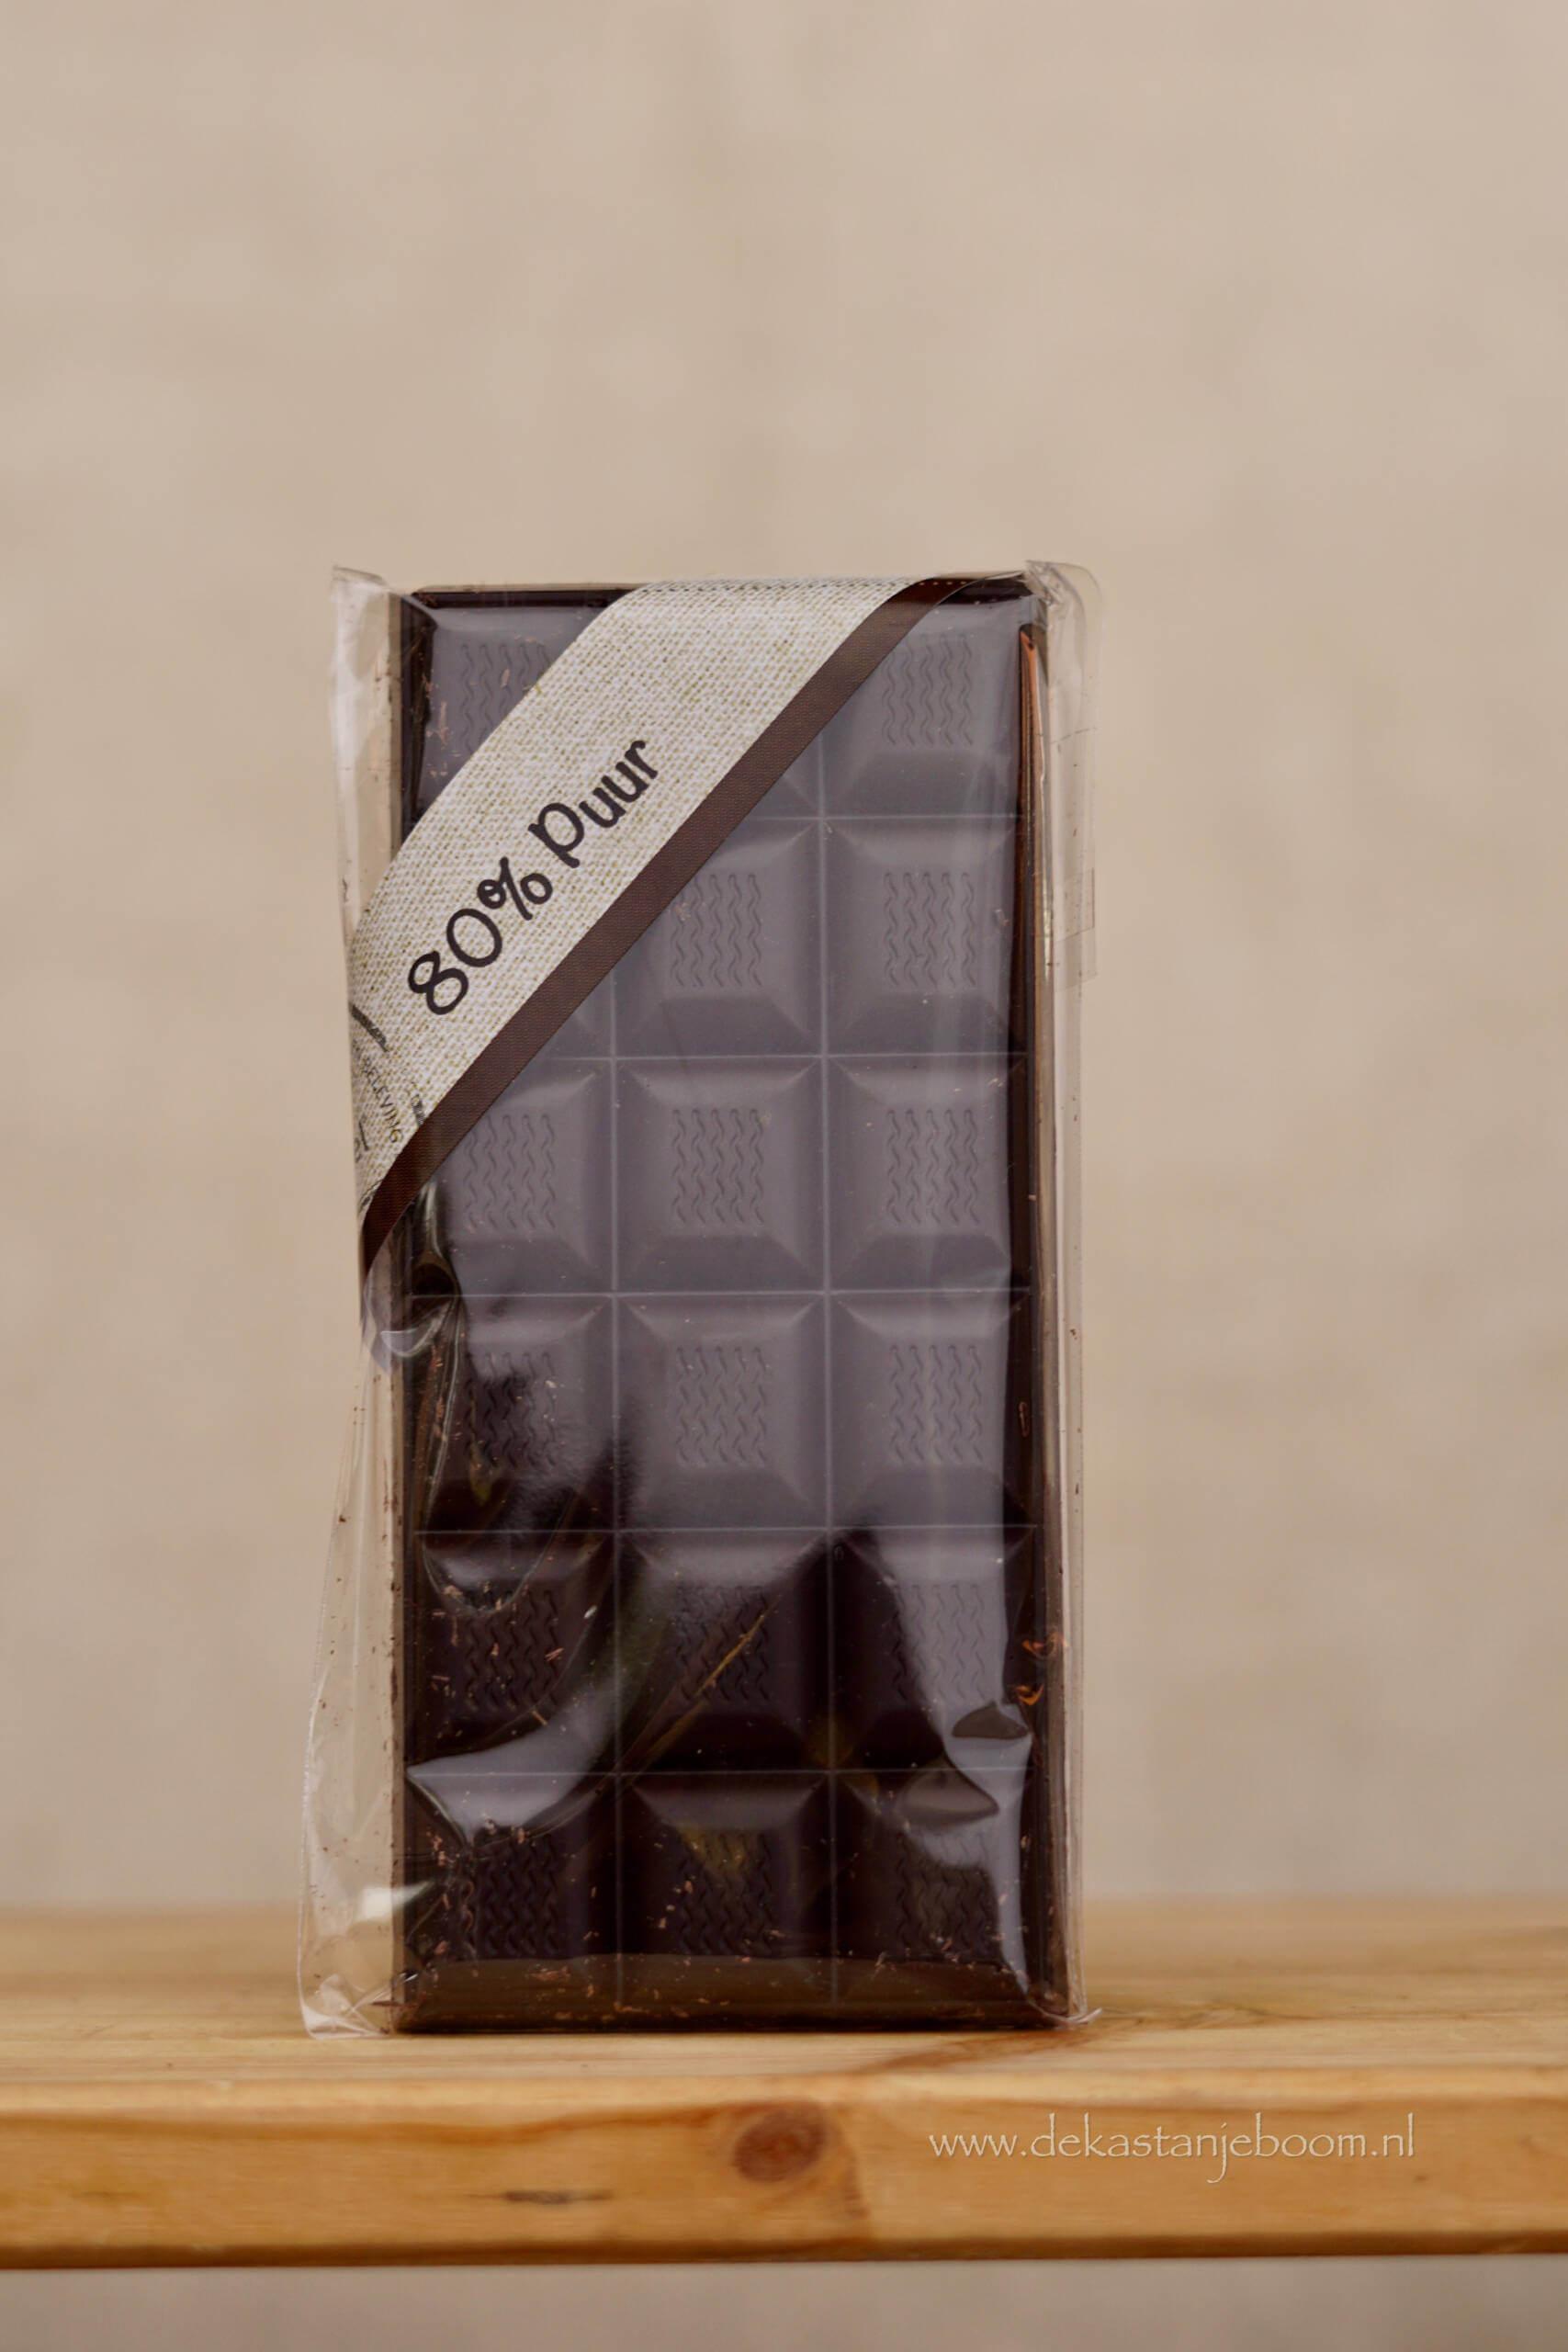 80% puur chocolade